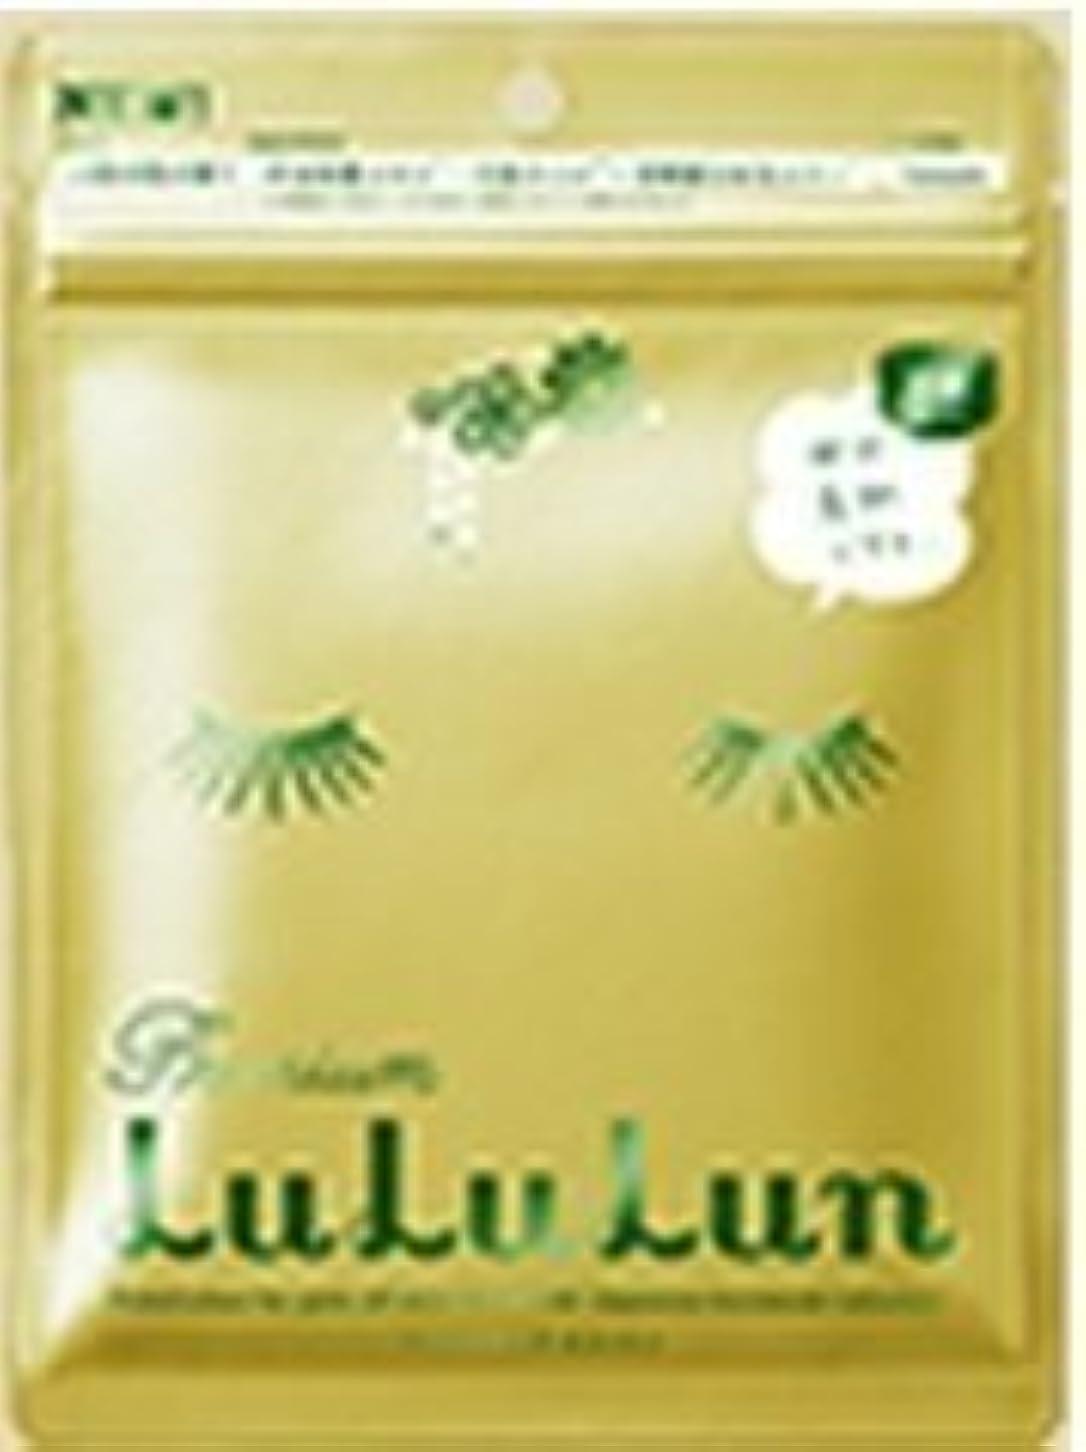 コットンセーブスカープフェイスマスク 京都のルルルン 7枚入り(お茶の花の香りタイプ)